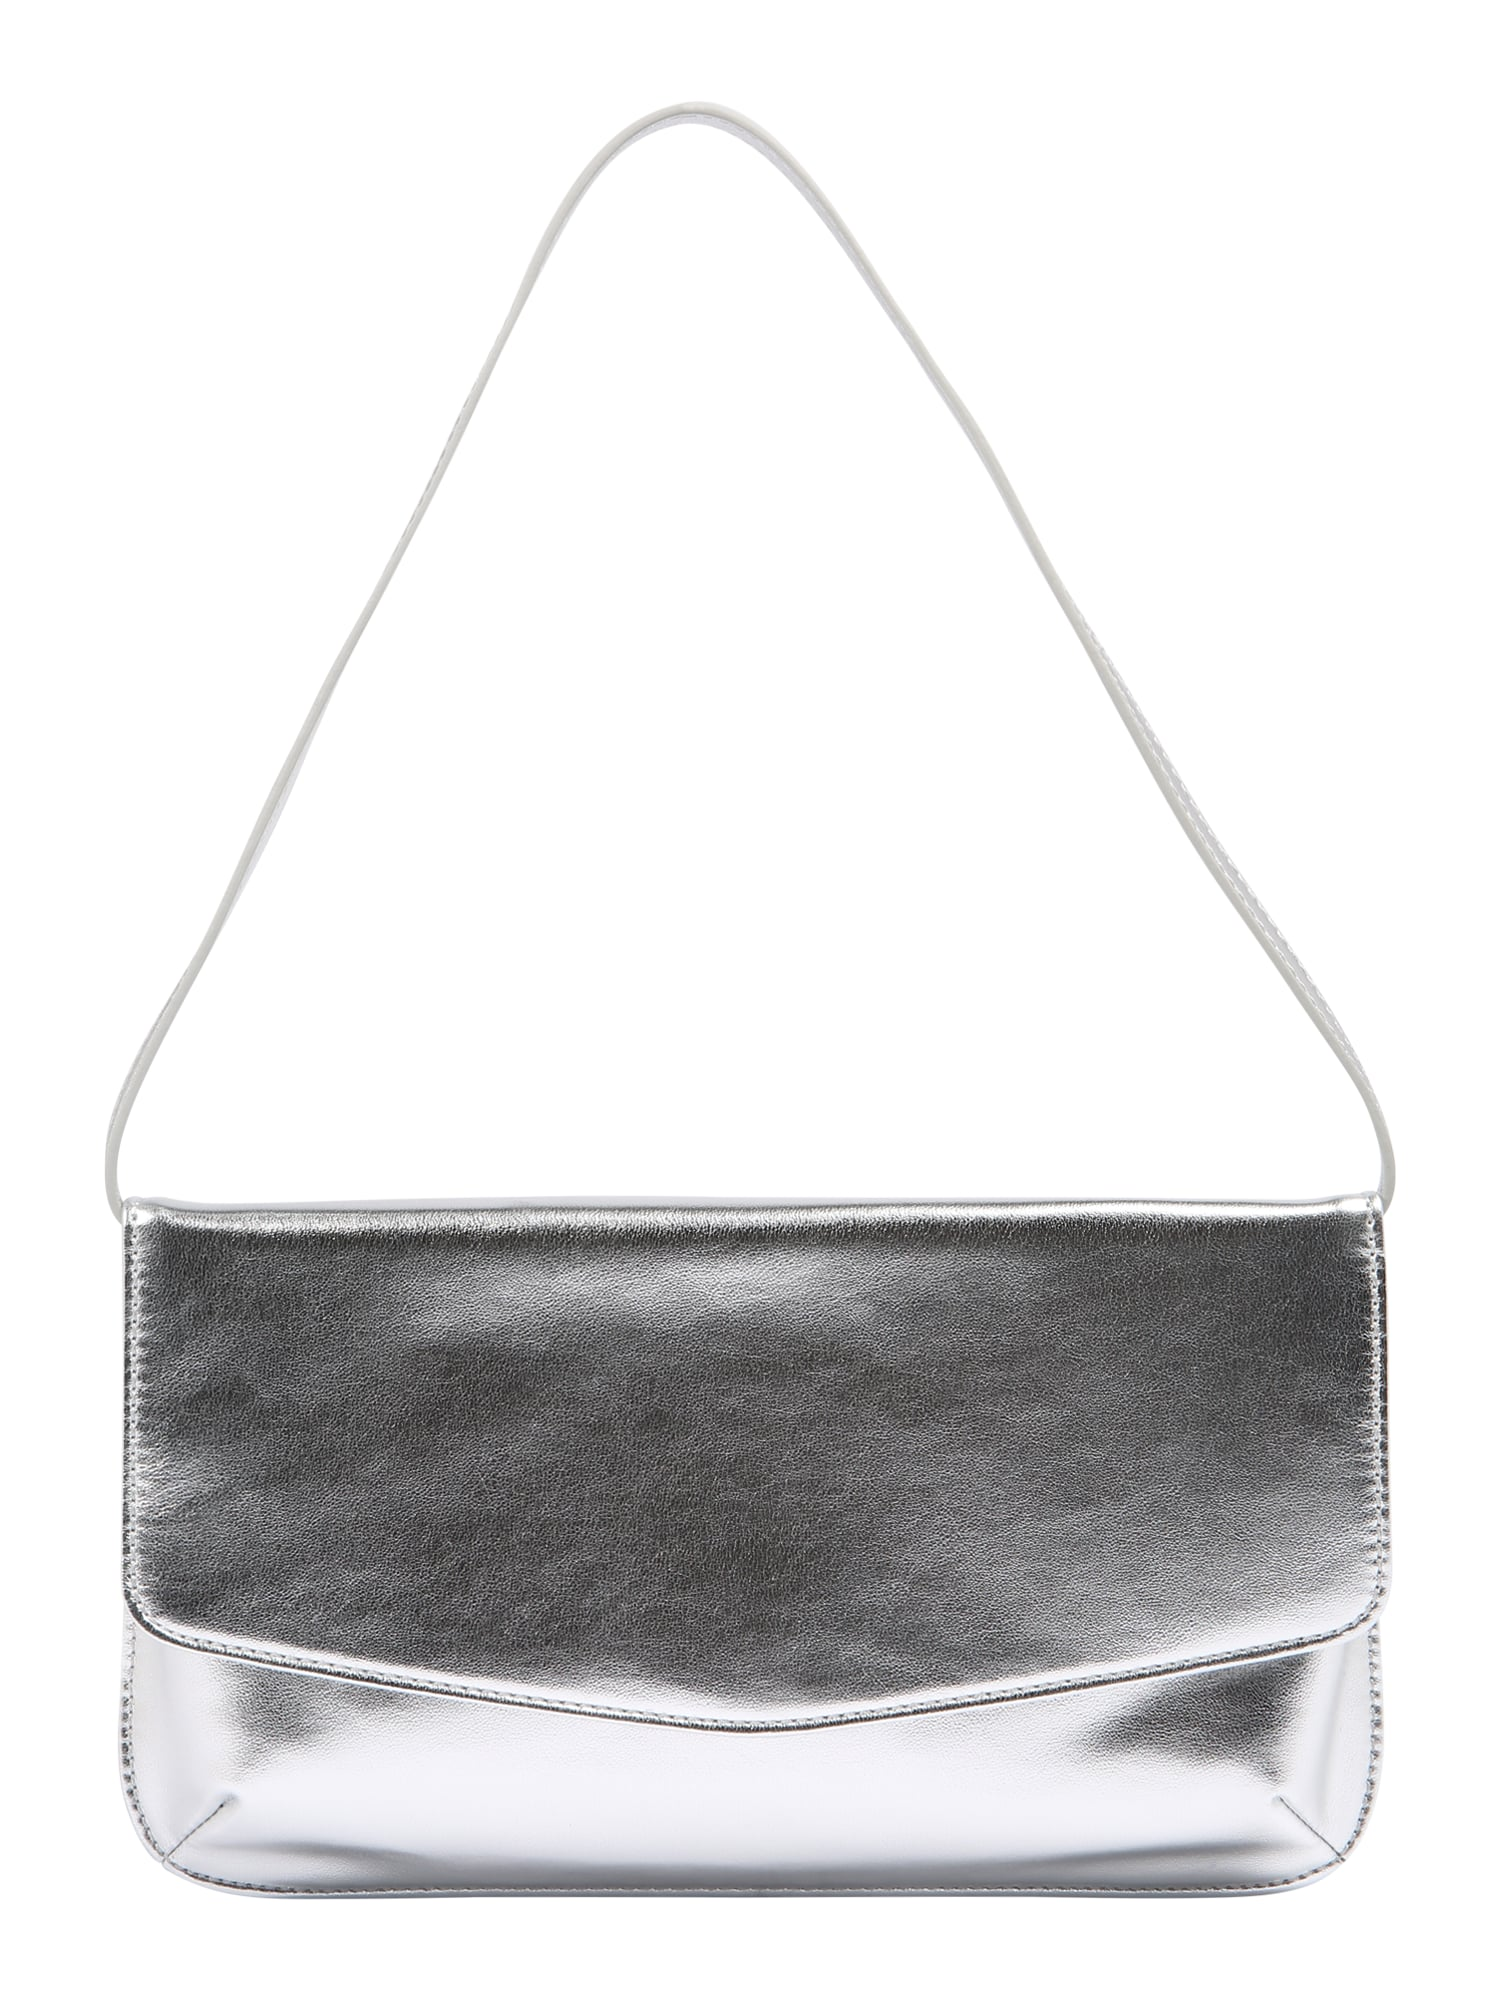 Taška přes rameno Silver Baguette Flash stříbrná ESPRIT